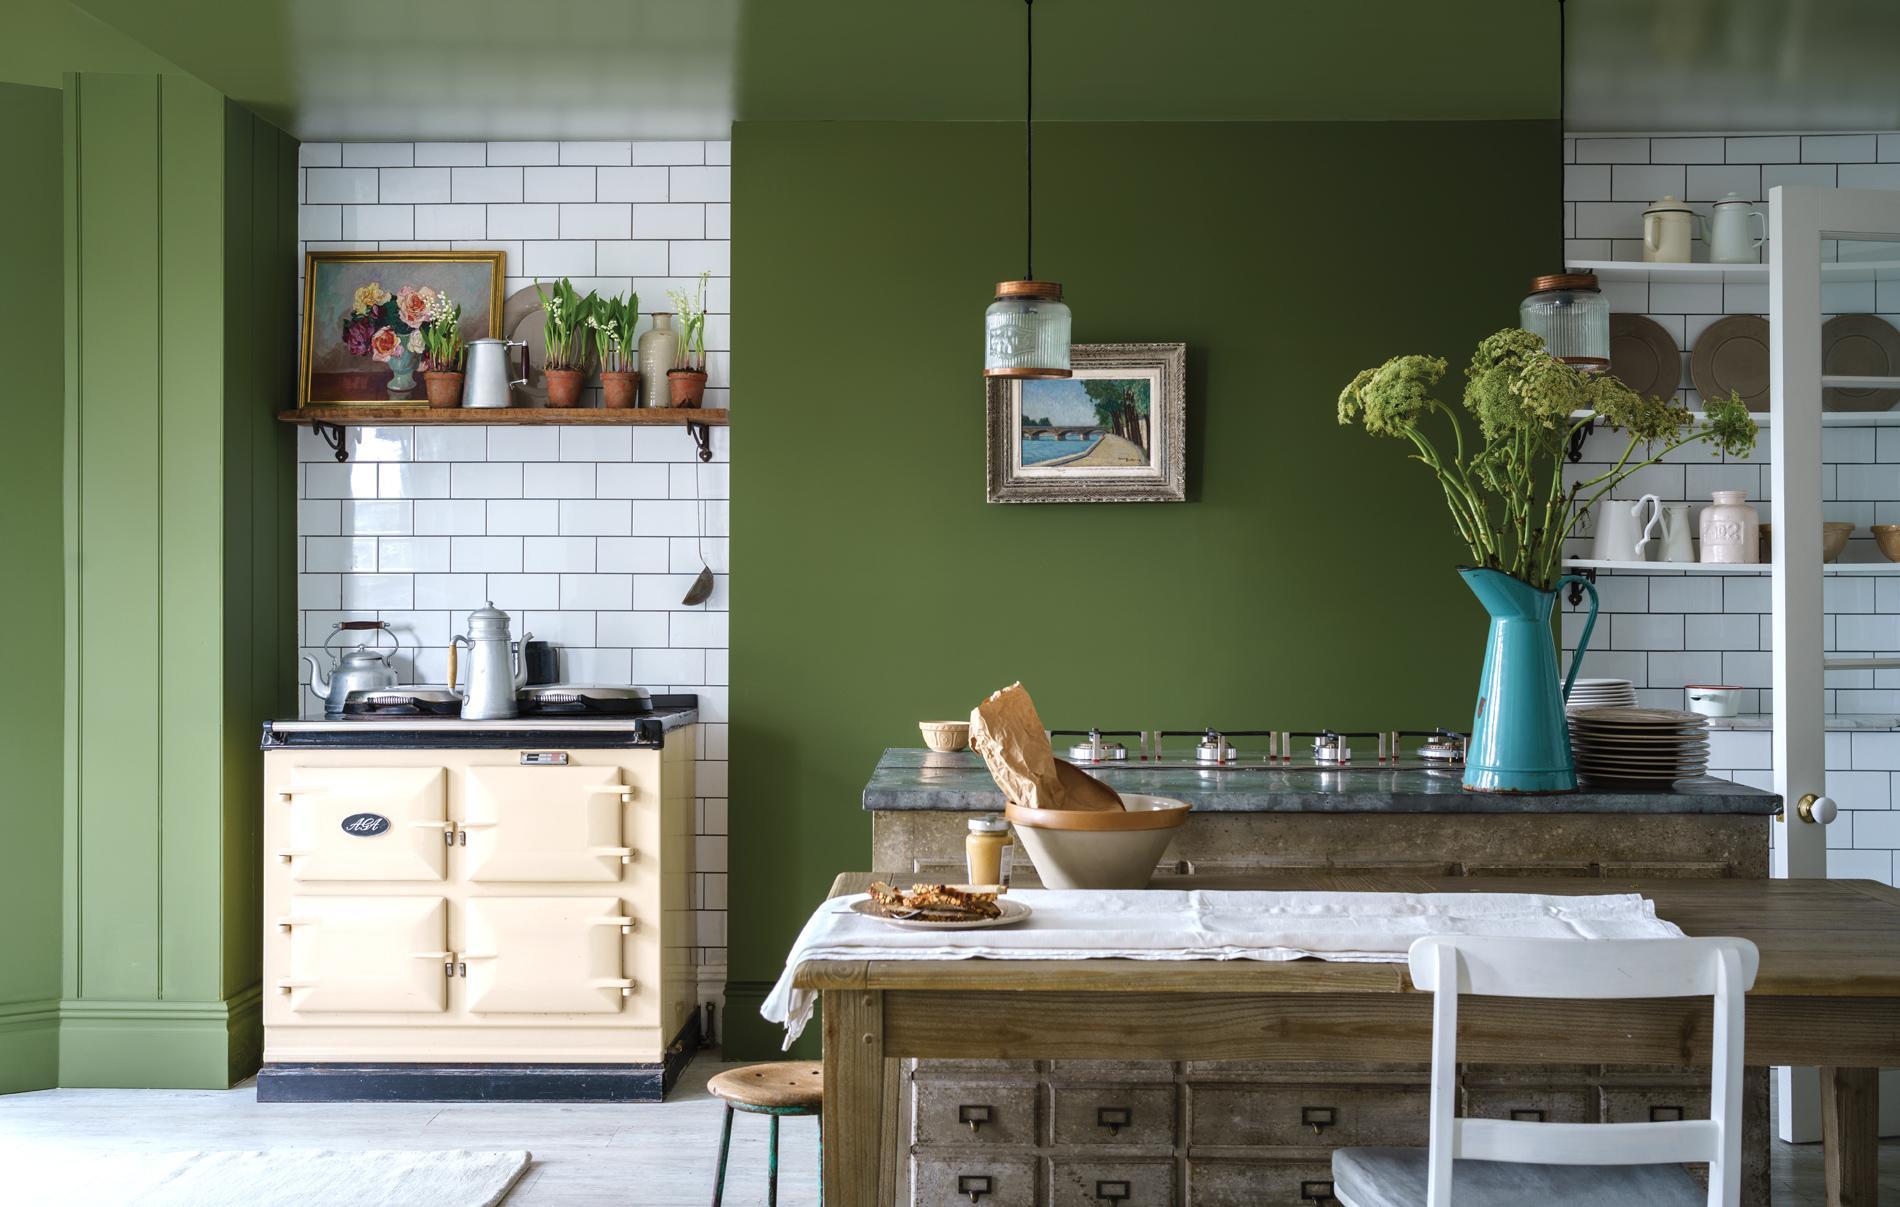 Choix De Peinture Cuisine guide pratique à l'usage des néophytes pour bien choisir sa